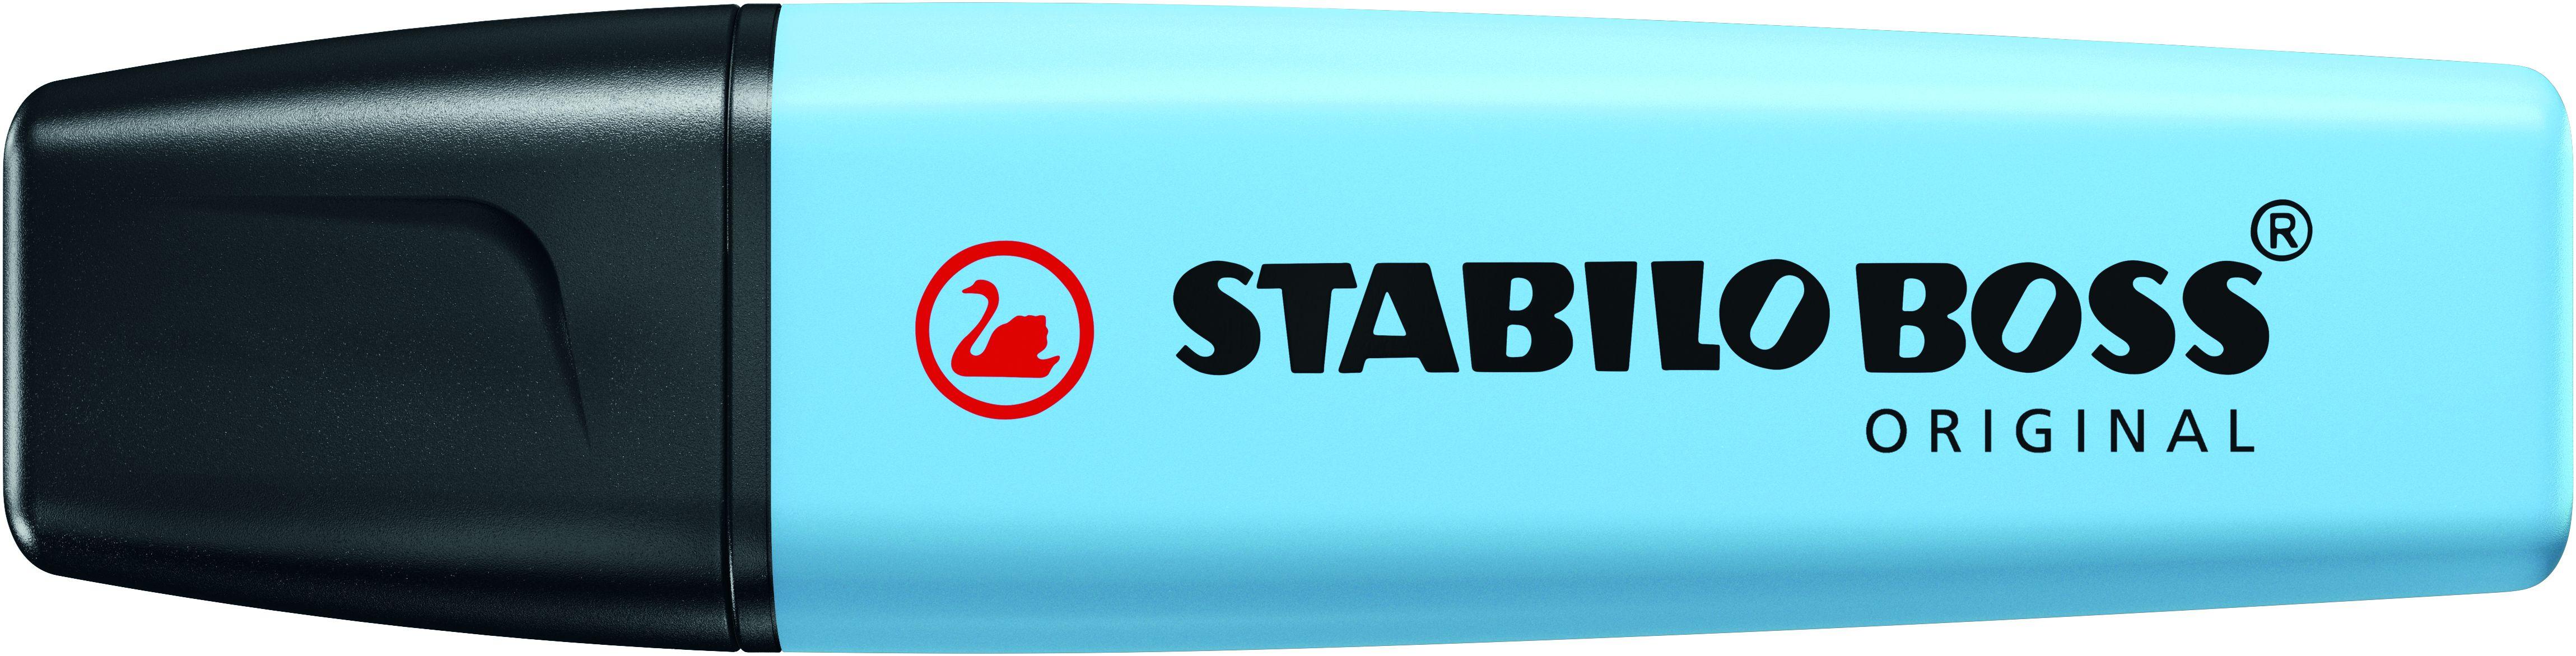 STABILO BOSS ORIGINAL Pastel - Surligneur - fraicheur de bleu